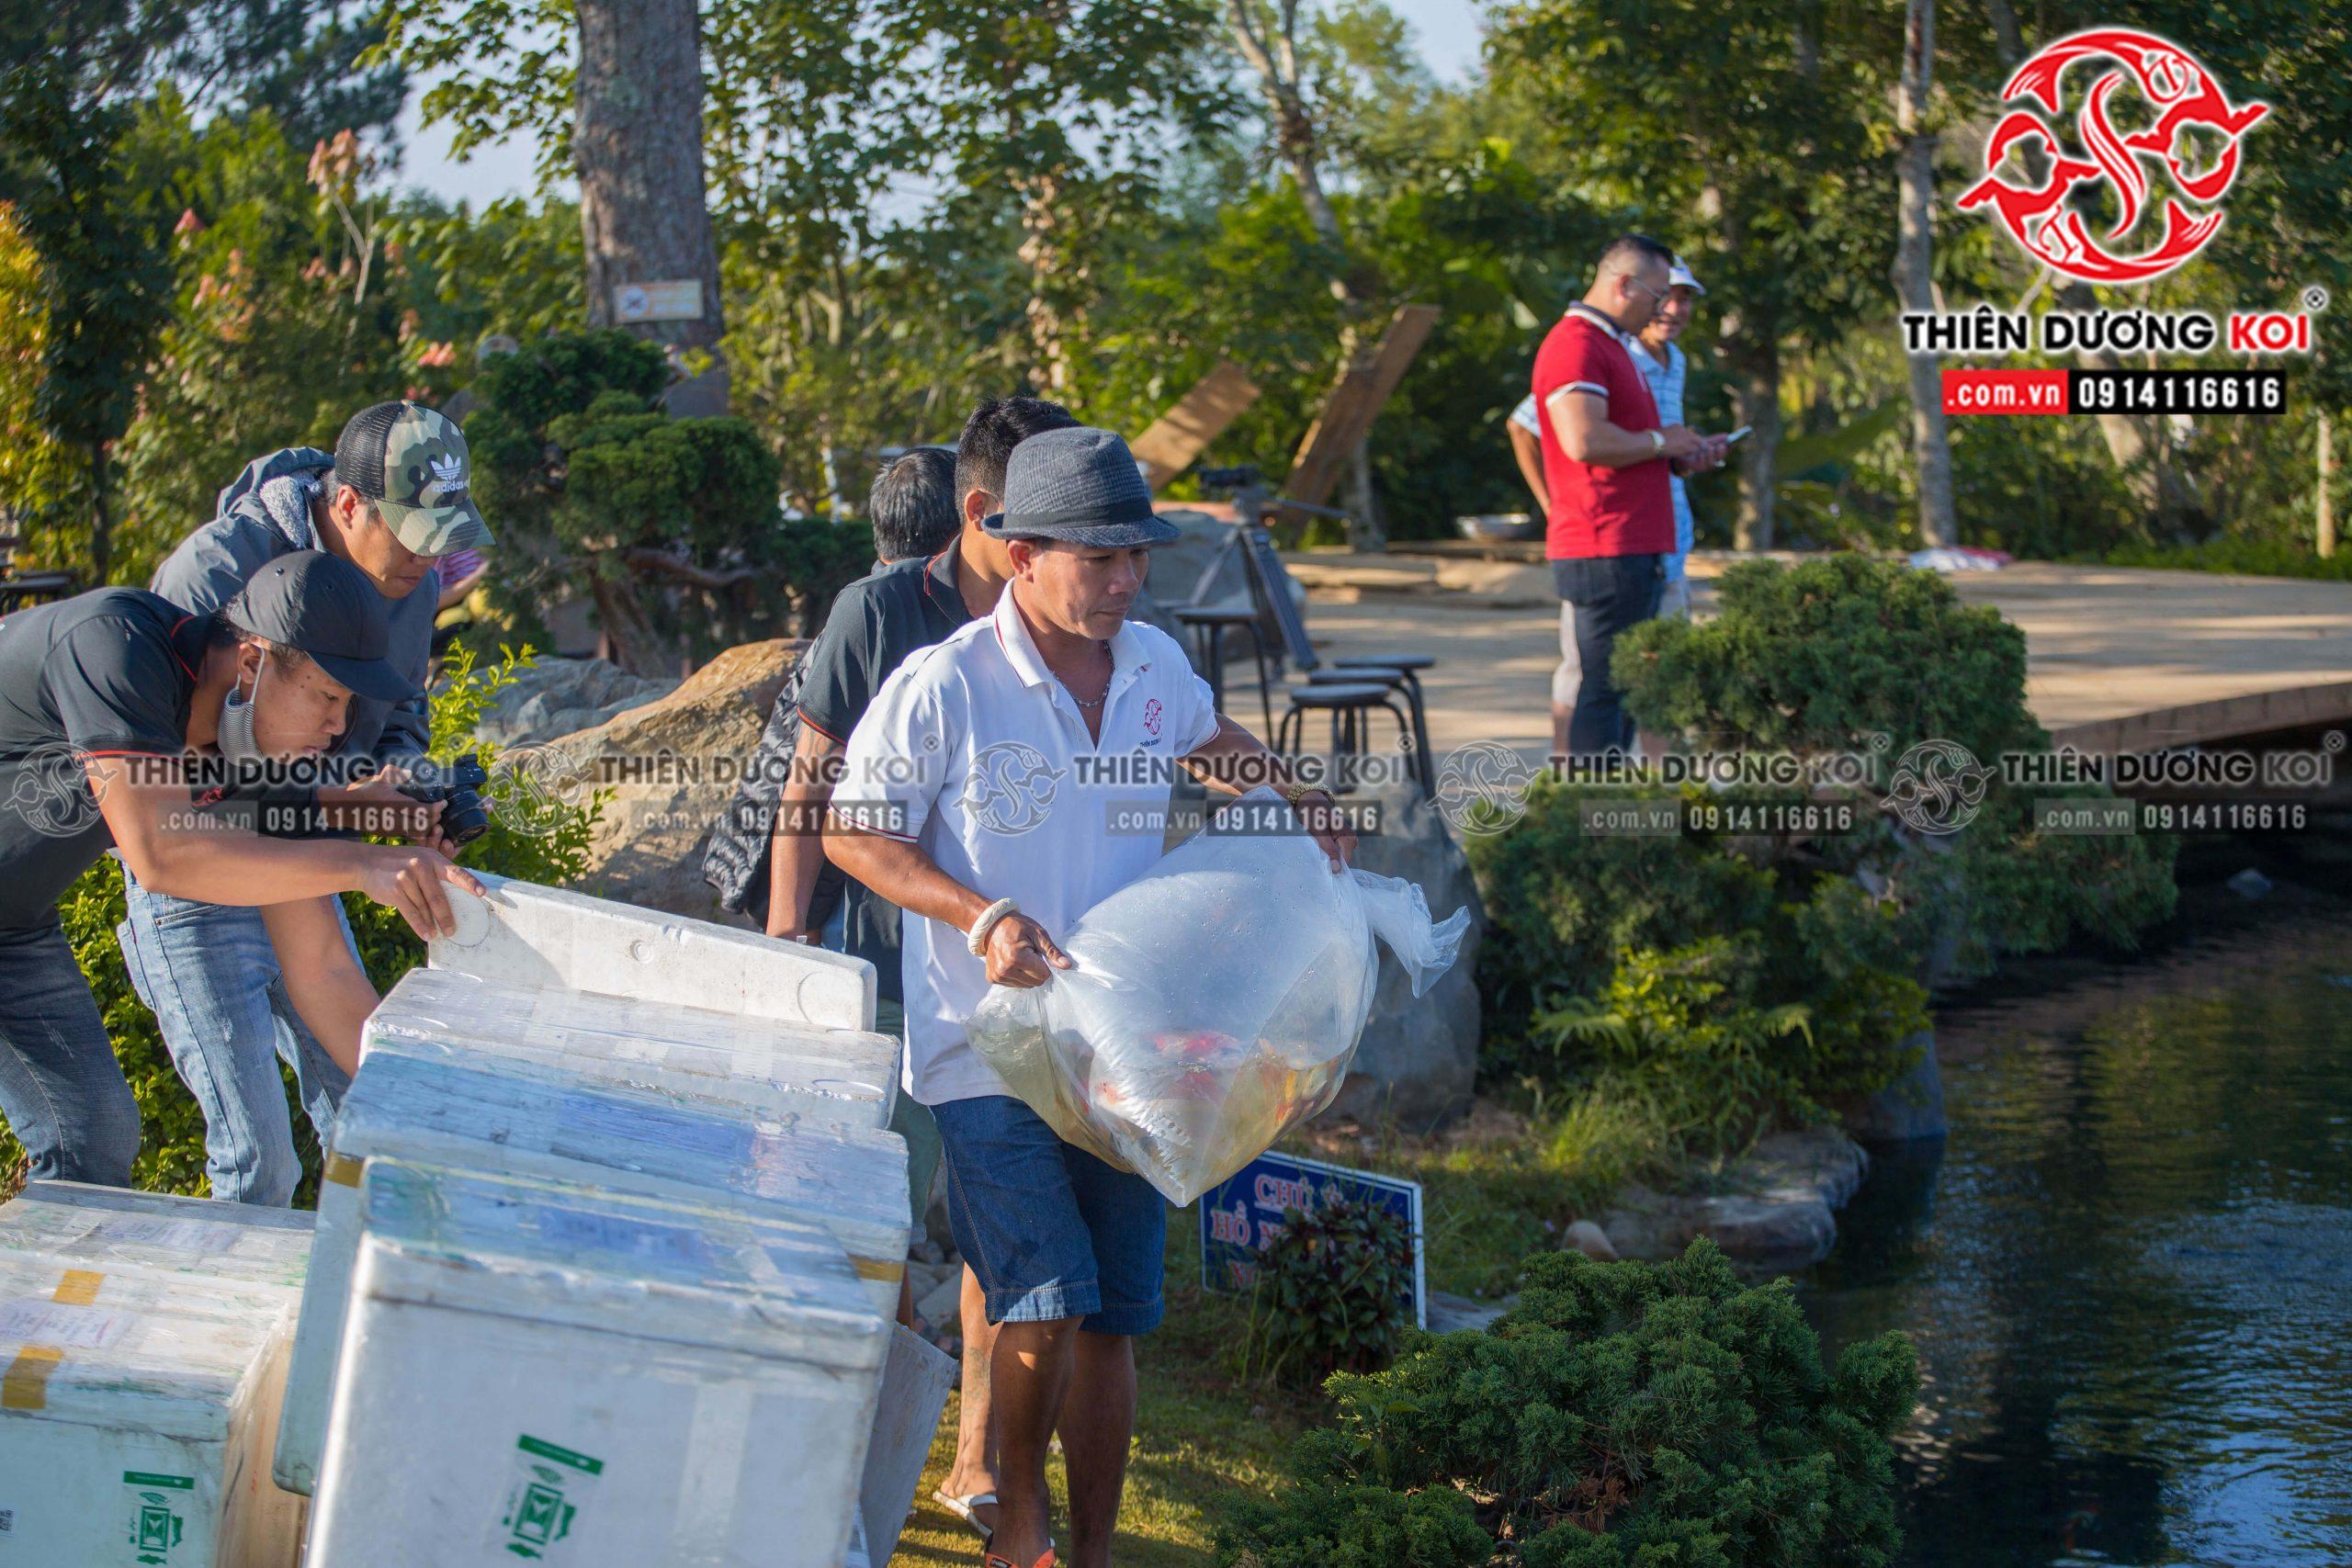 Quy trình thả cá Koi vào hồ